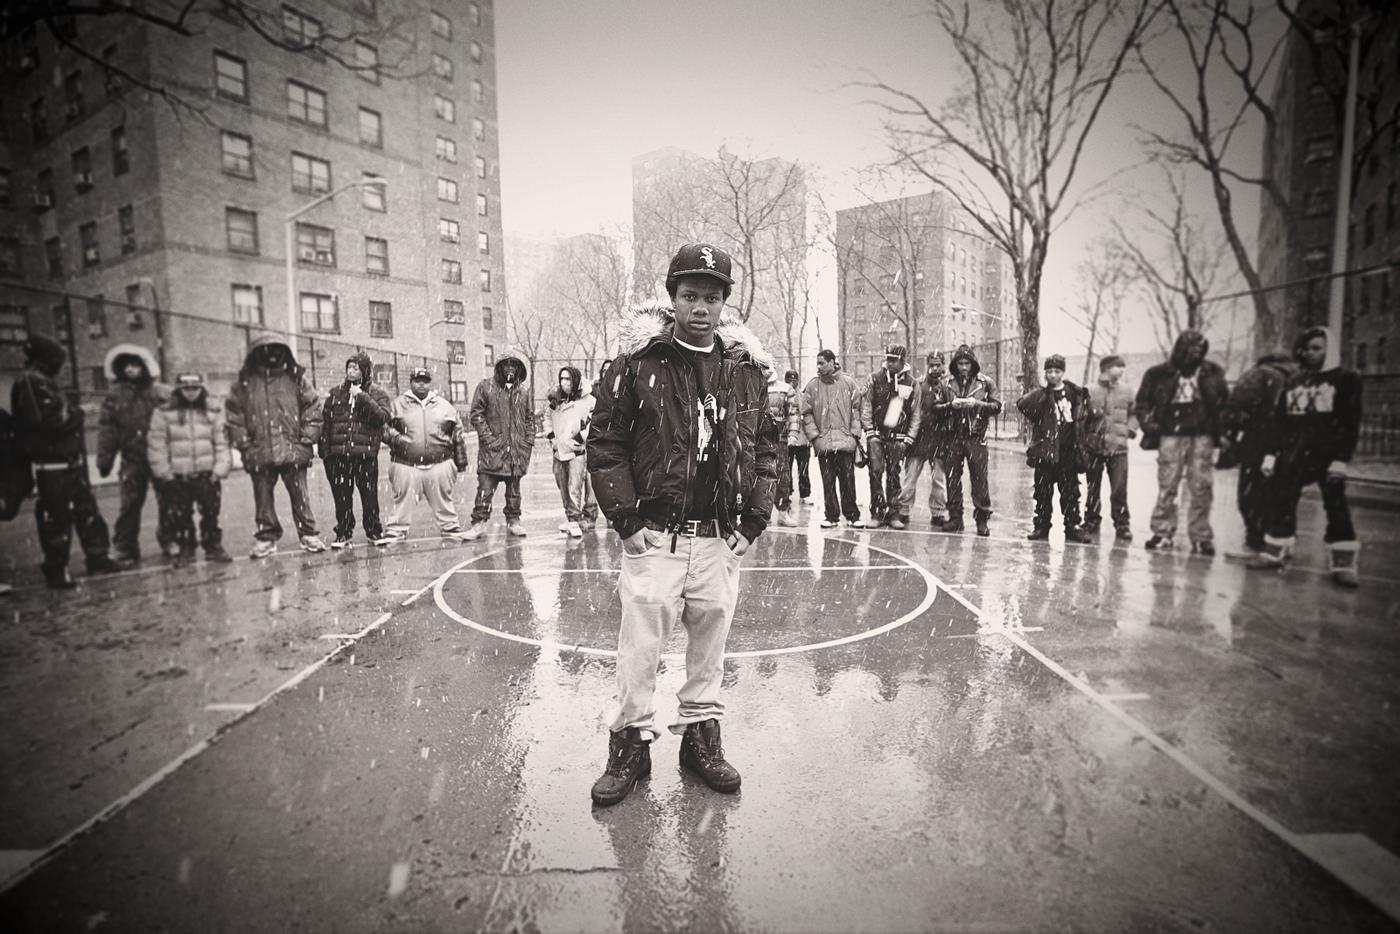 Harlem 10